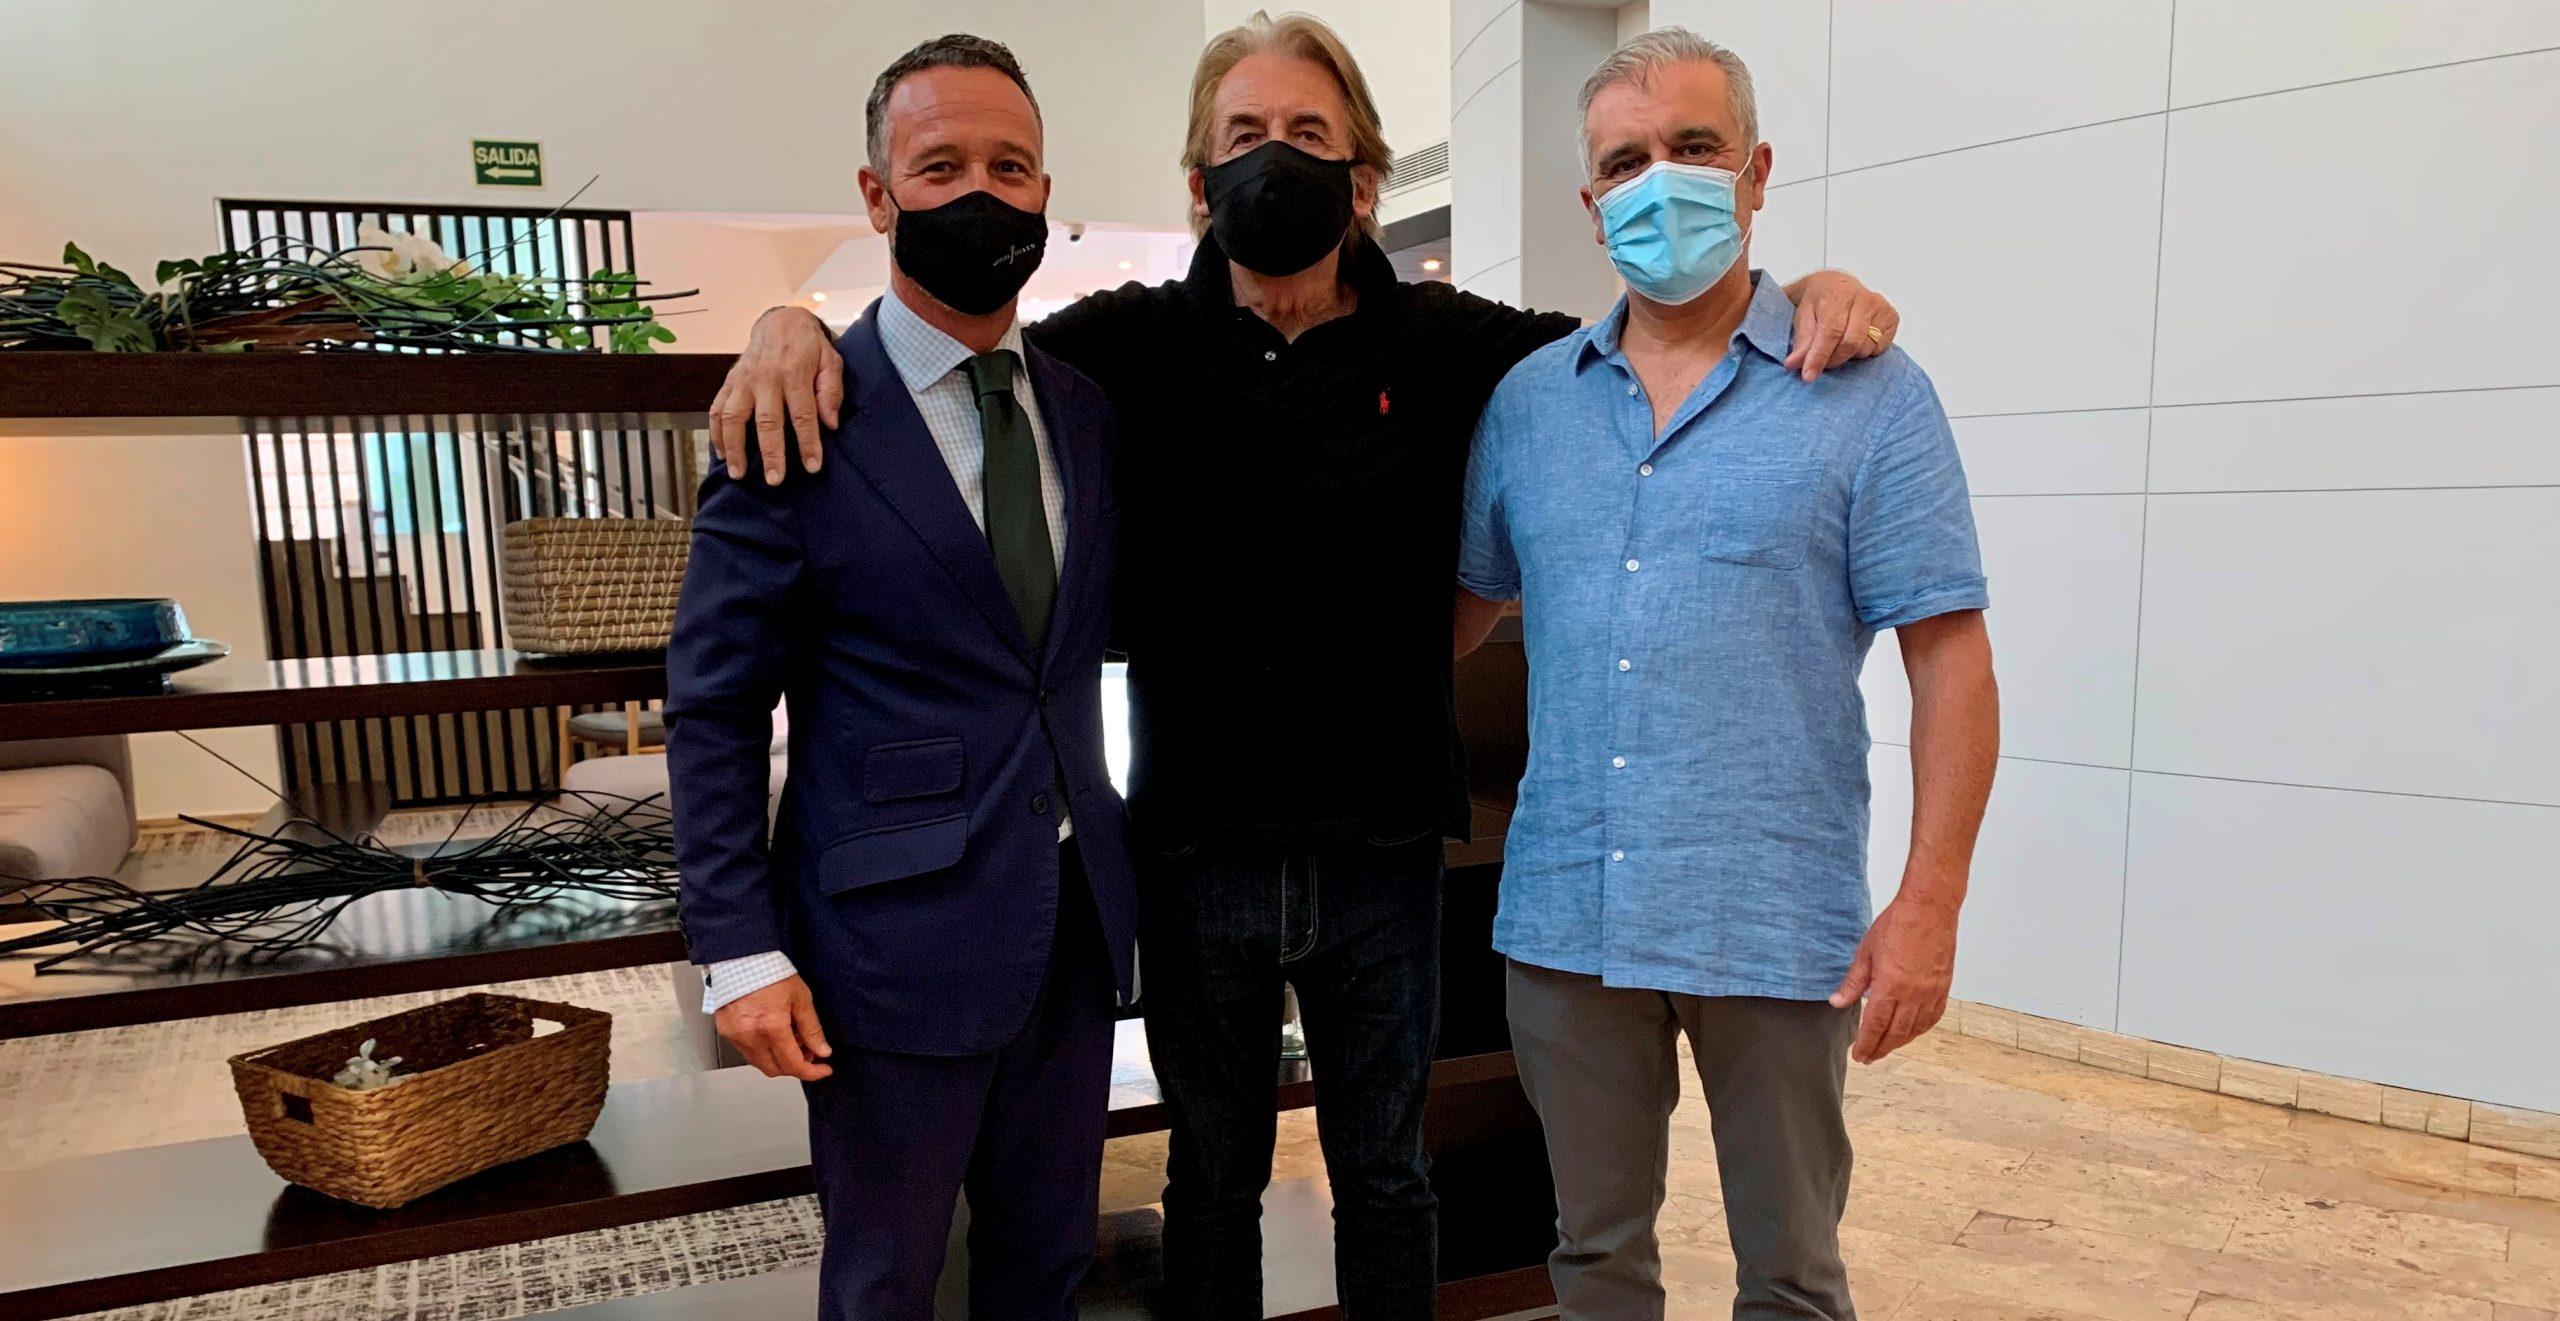 Imagen de Gabriel Wolgeschaffen, Michu Morales y Javier Betancort en su reencuentro esta mañana en el hotel.